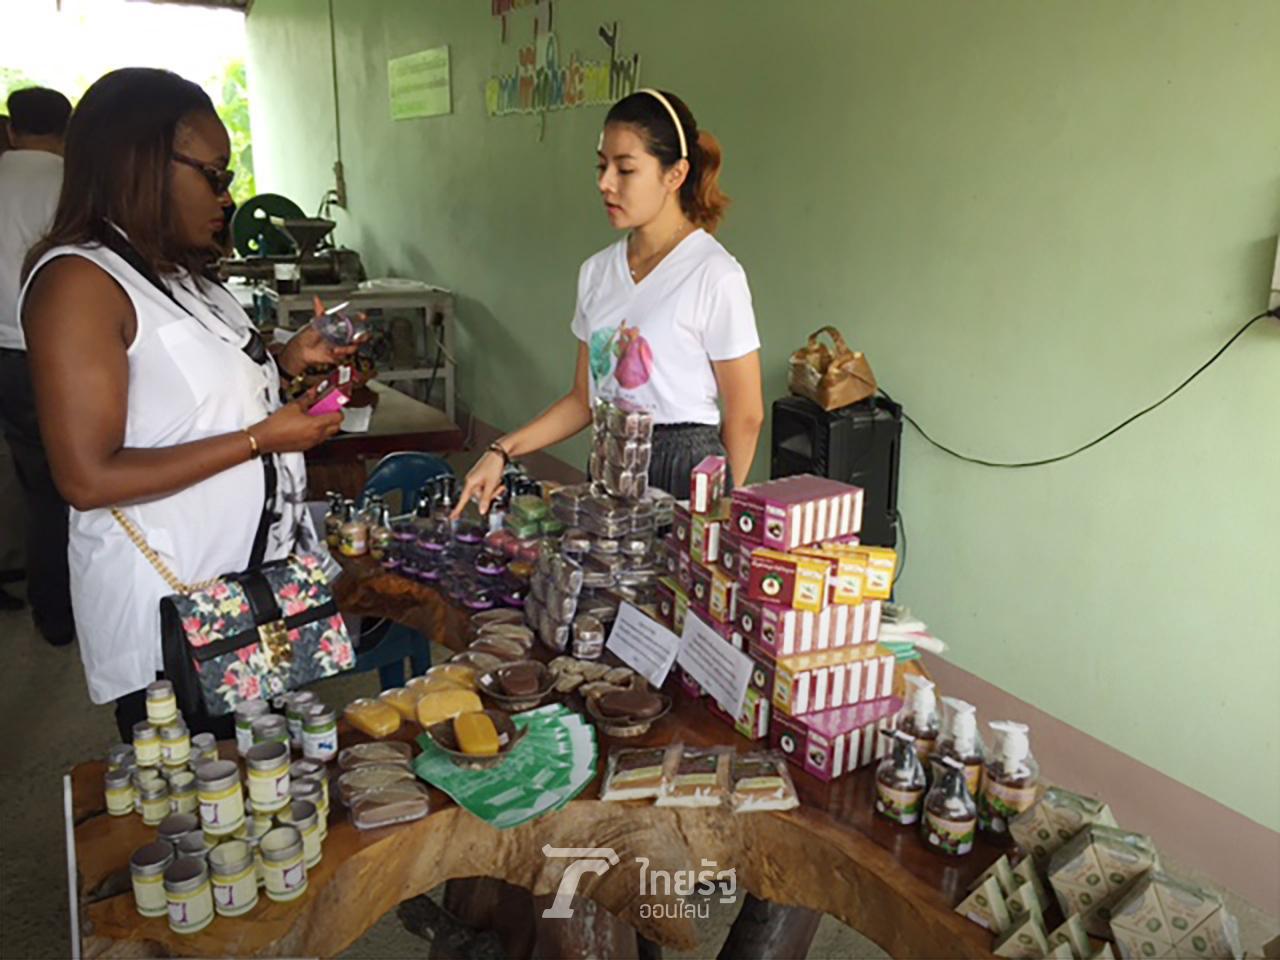 เชิญทัศนาและซื้อหาสินค้าคุณภาพจากกลุ่มบ้านสมุนไพรคีรีวง